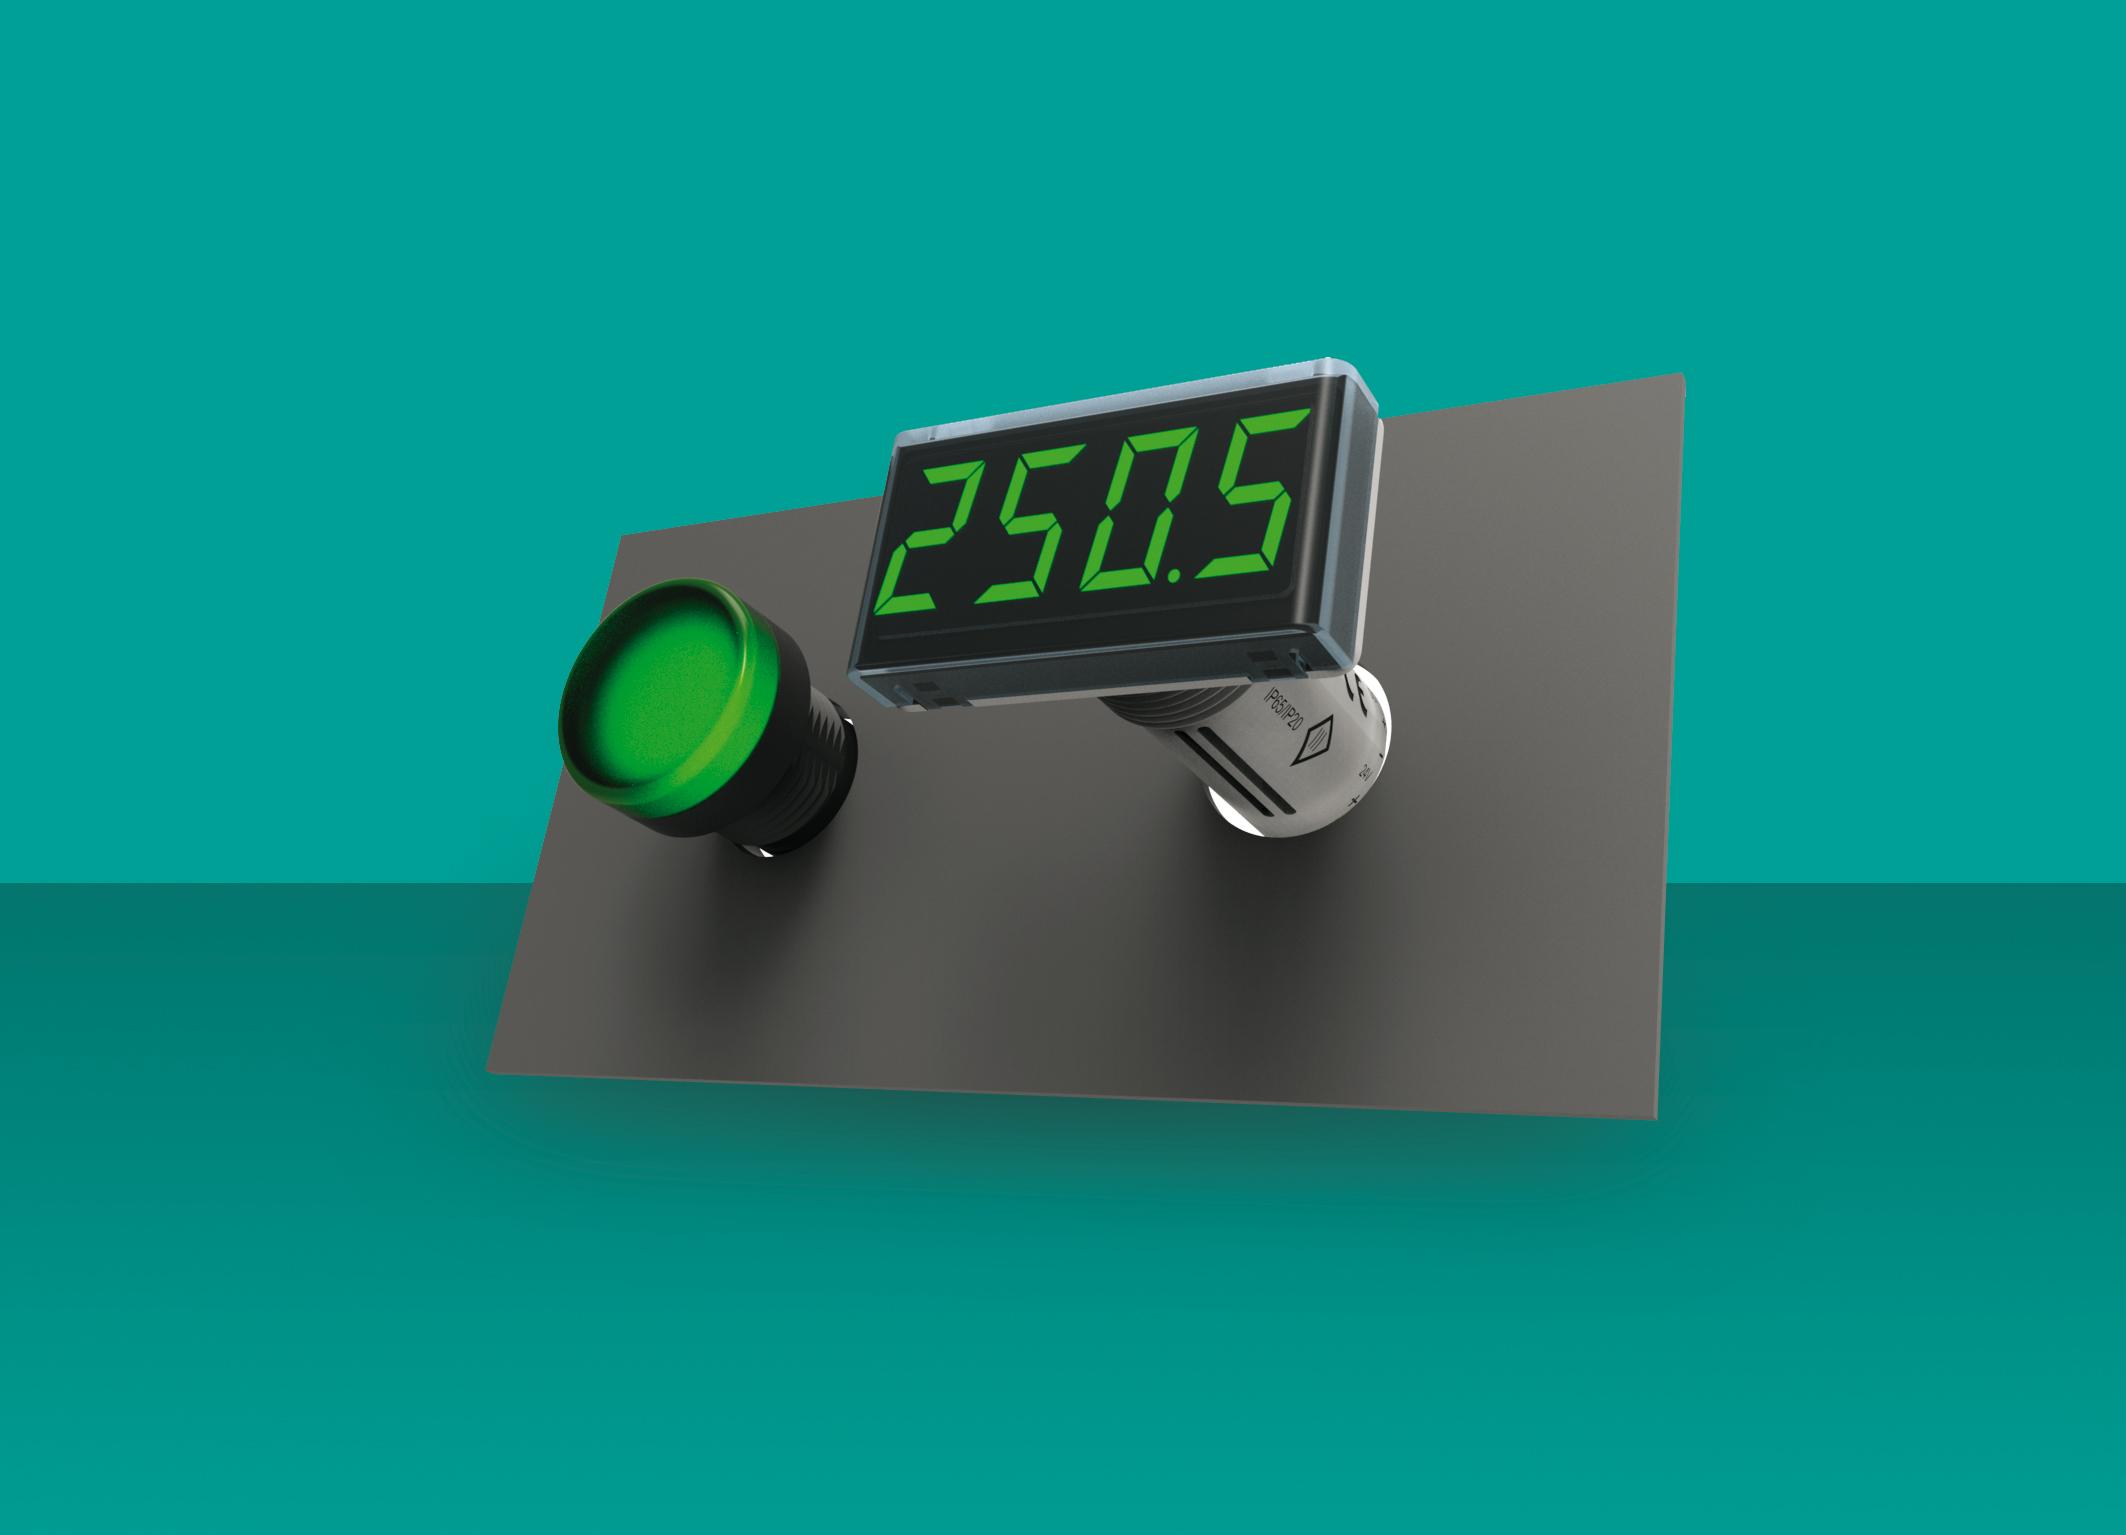 Urządzenie mieści się w standardowym otworze średnicy 22,5mm przeznaczonym na lampki sygnalizacyjne